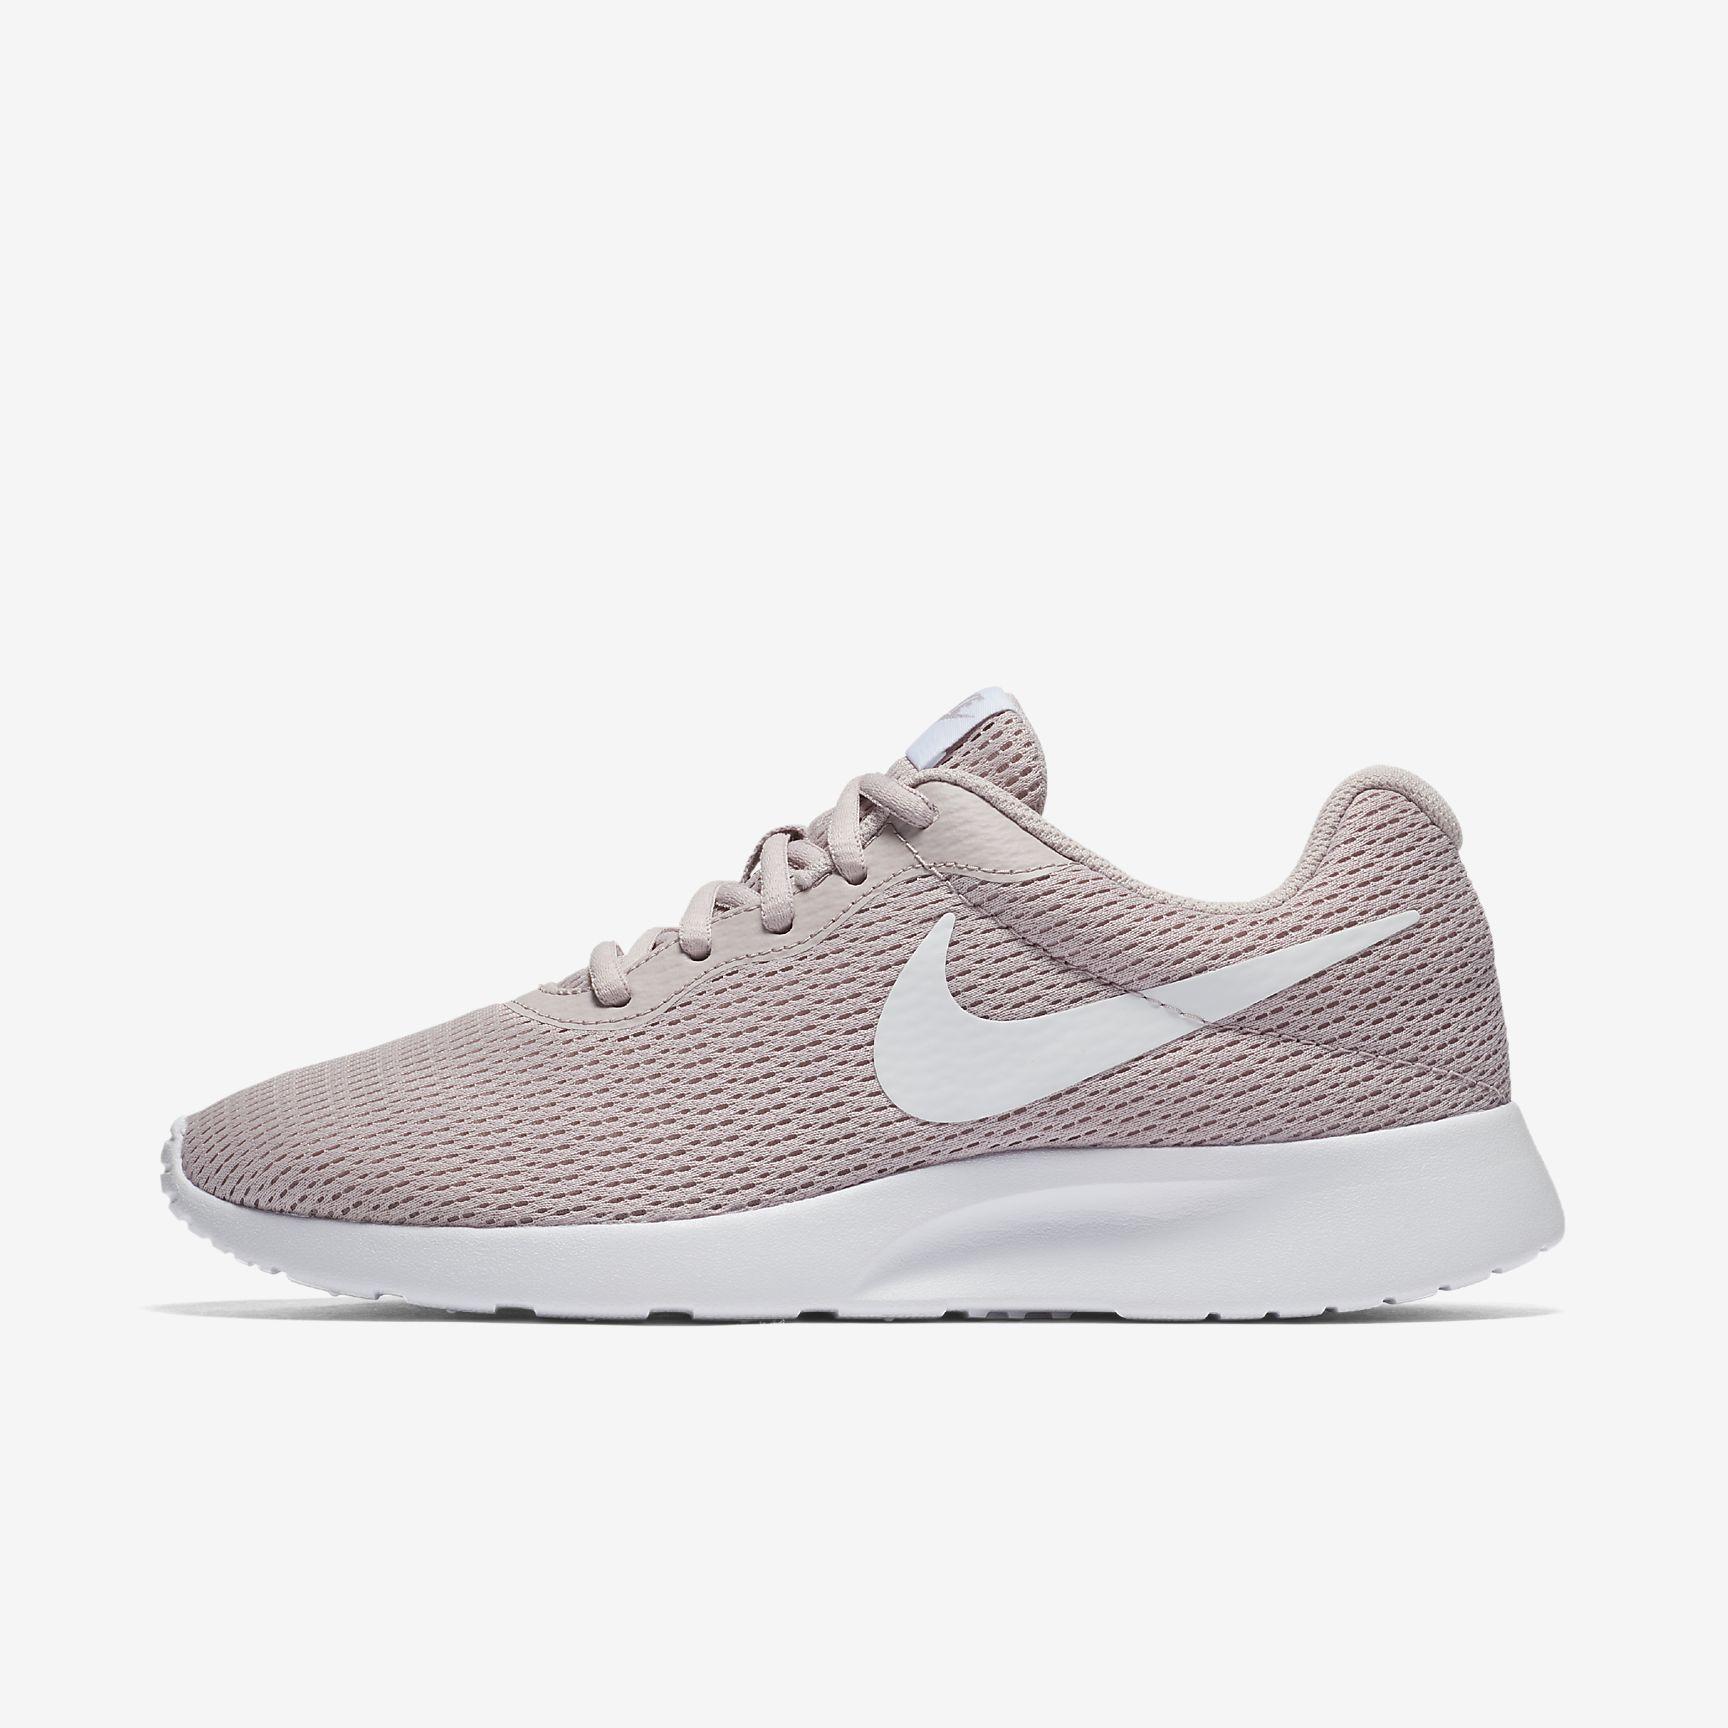 6ecb1109c7c1bd Nike Tanjun Women s Shoe